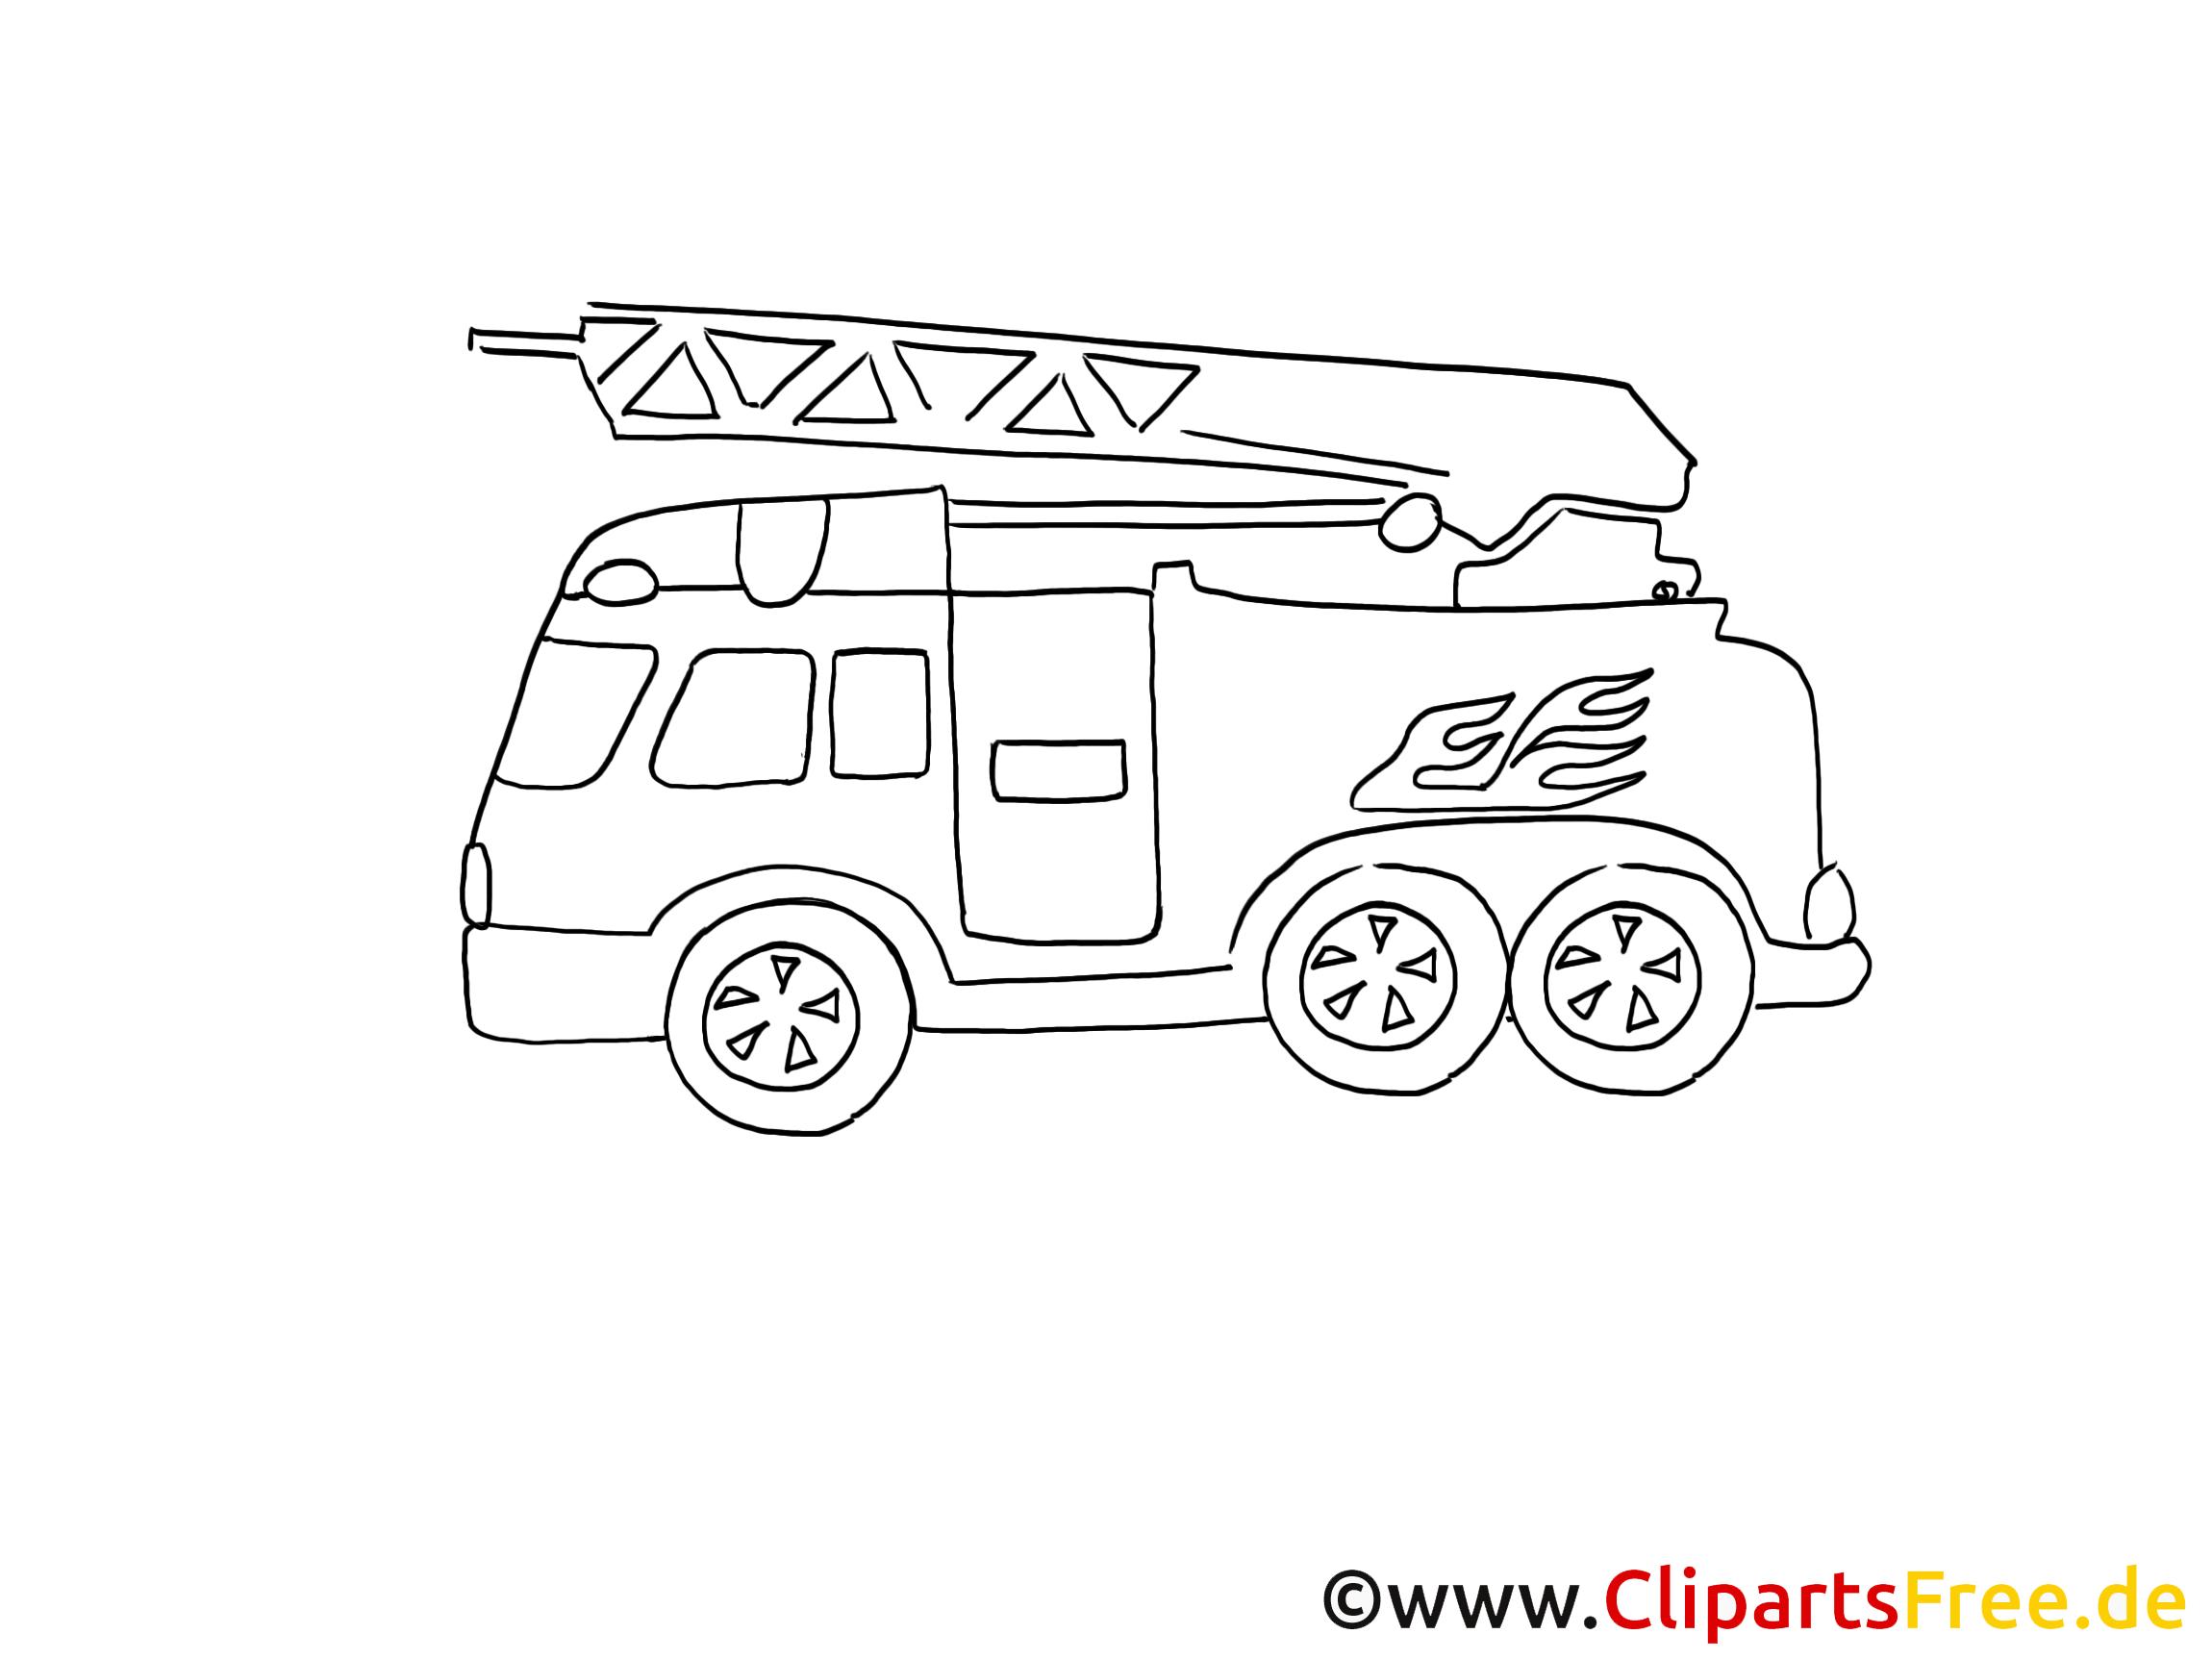 feuerwehrwagen zeichnung grafik schwarz weiss clipart bild. Black Bedroom Furniture Sets. Home Design Ideas